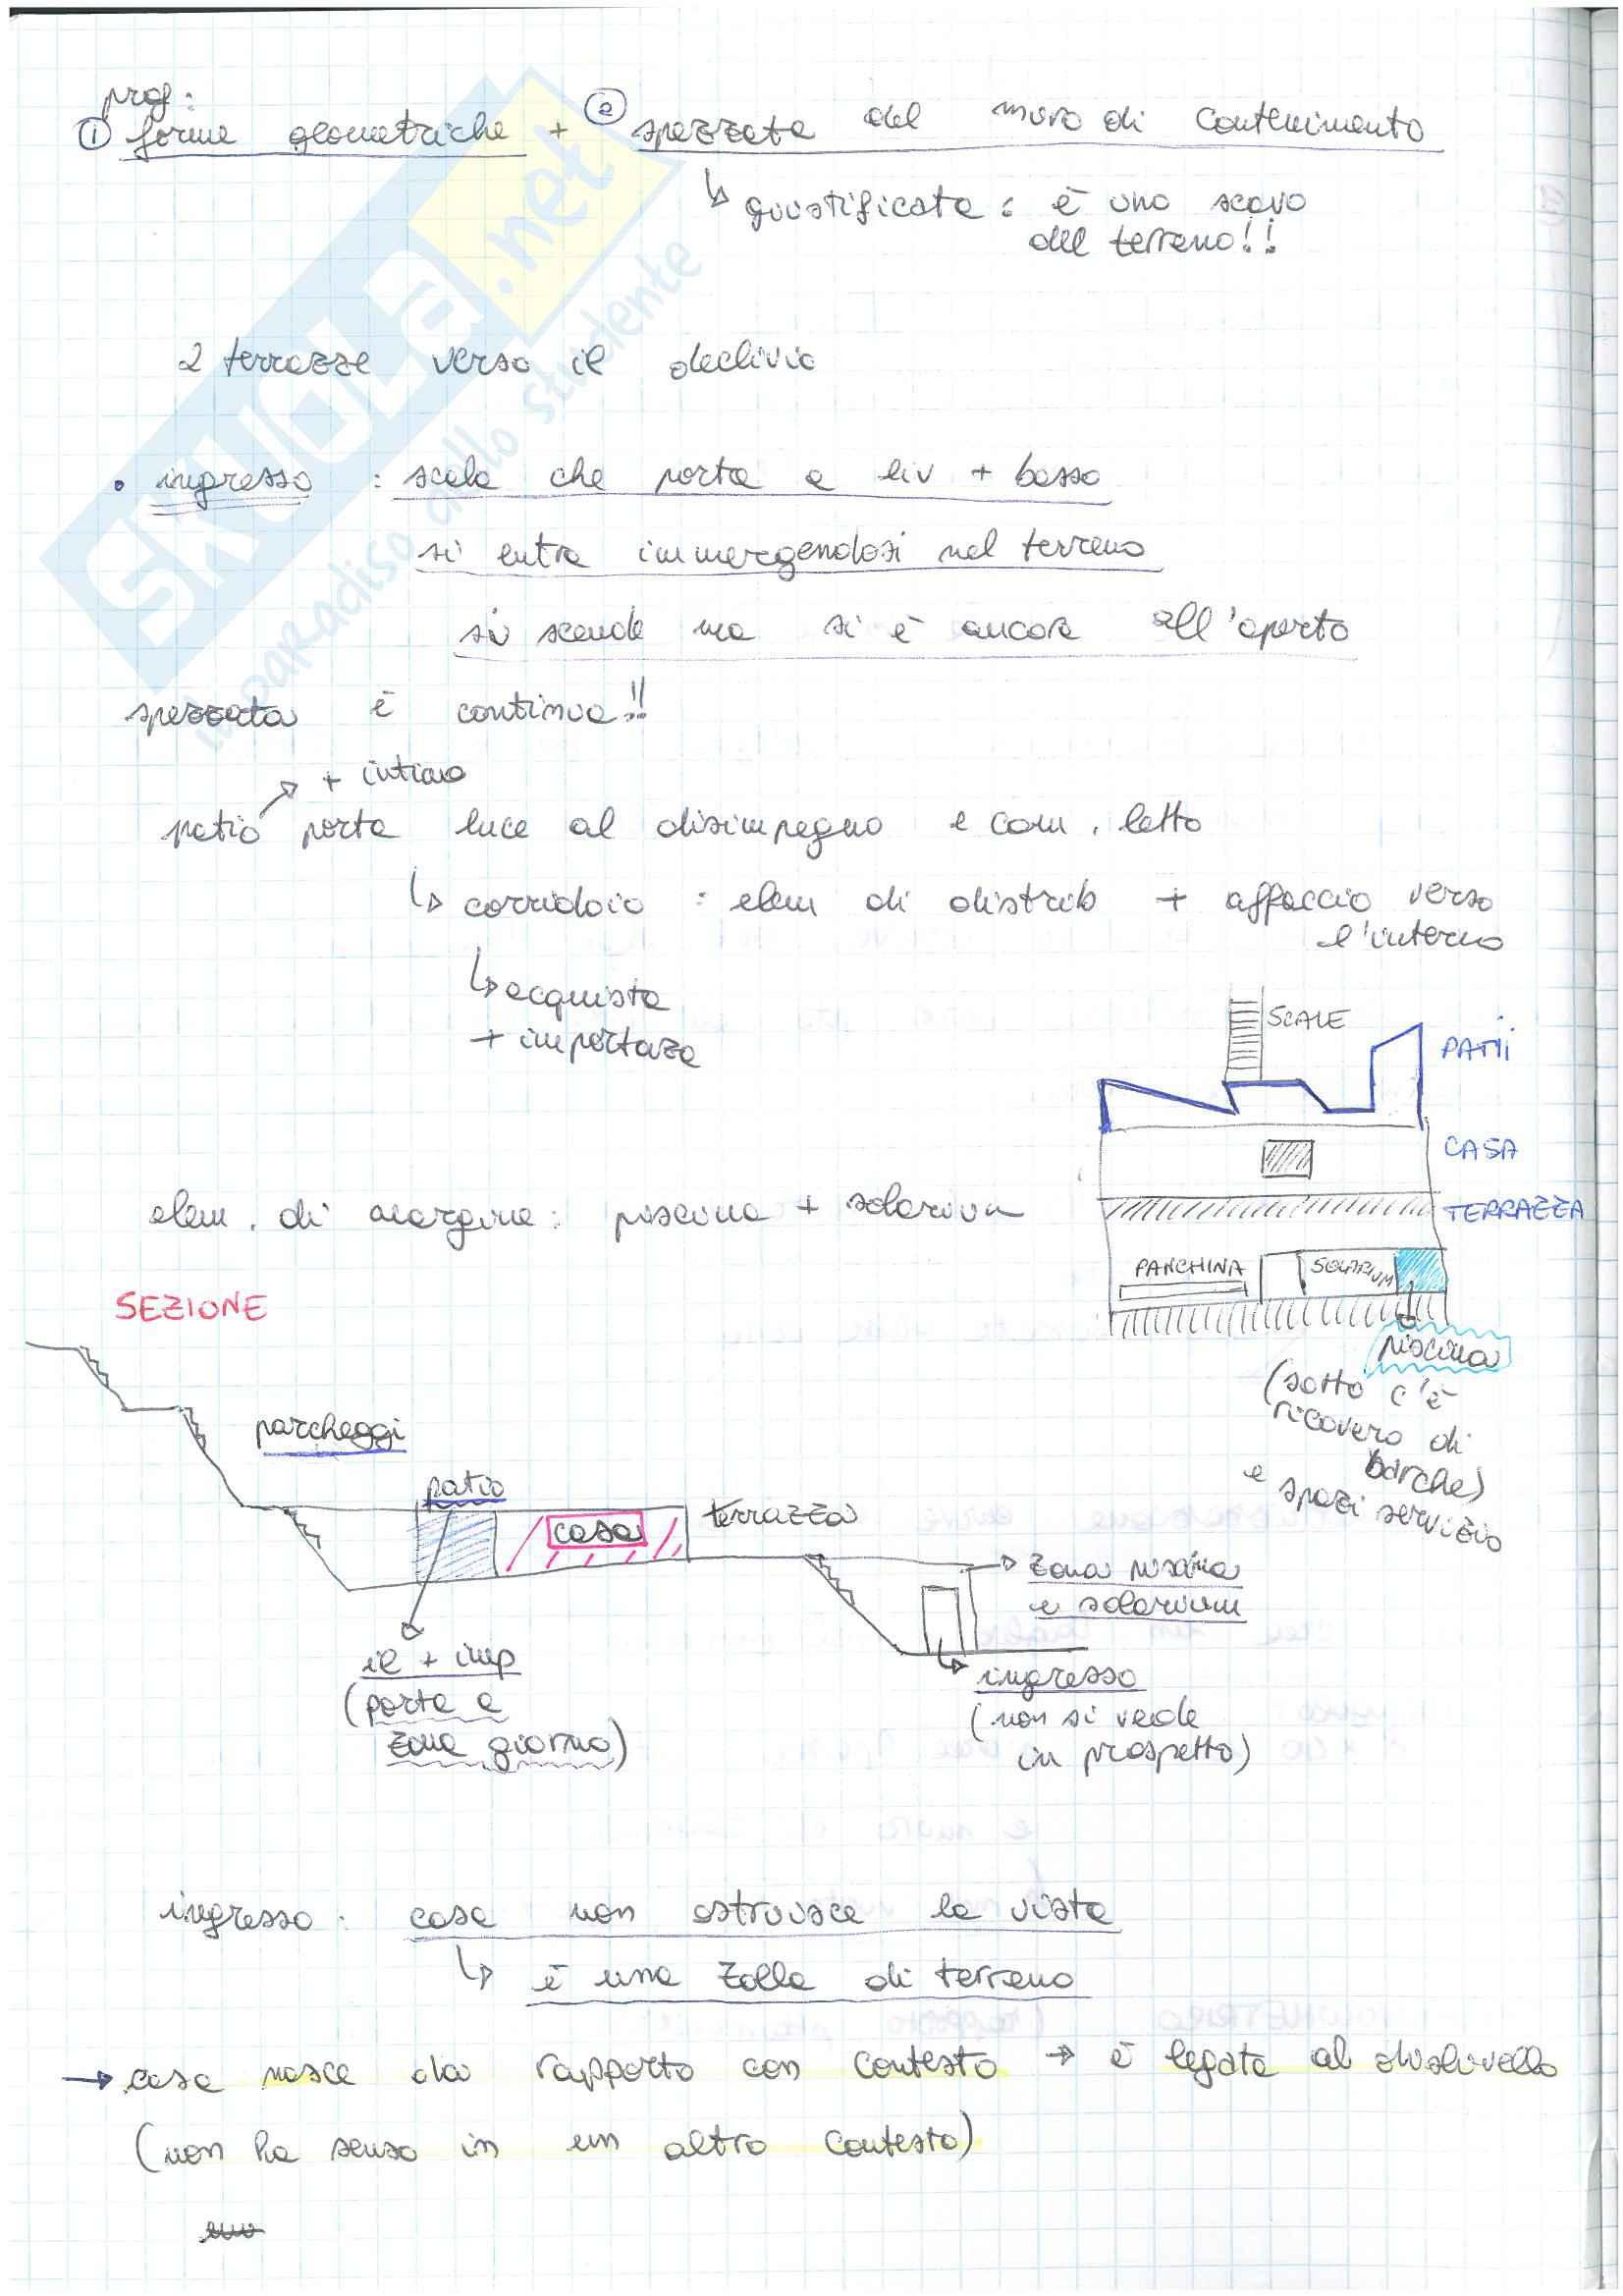 (2/3)Appunti presi a lezione di Architettura e Composizione architettonica 1 con laboratorio progettuale tenuto dal prof. F. Cutroni Pag. 2